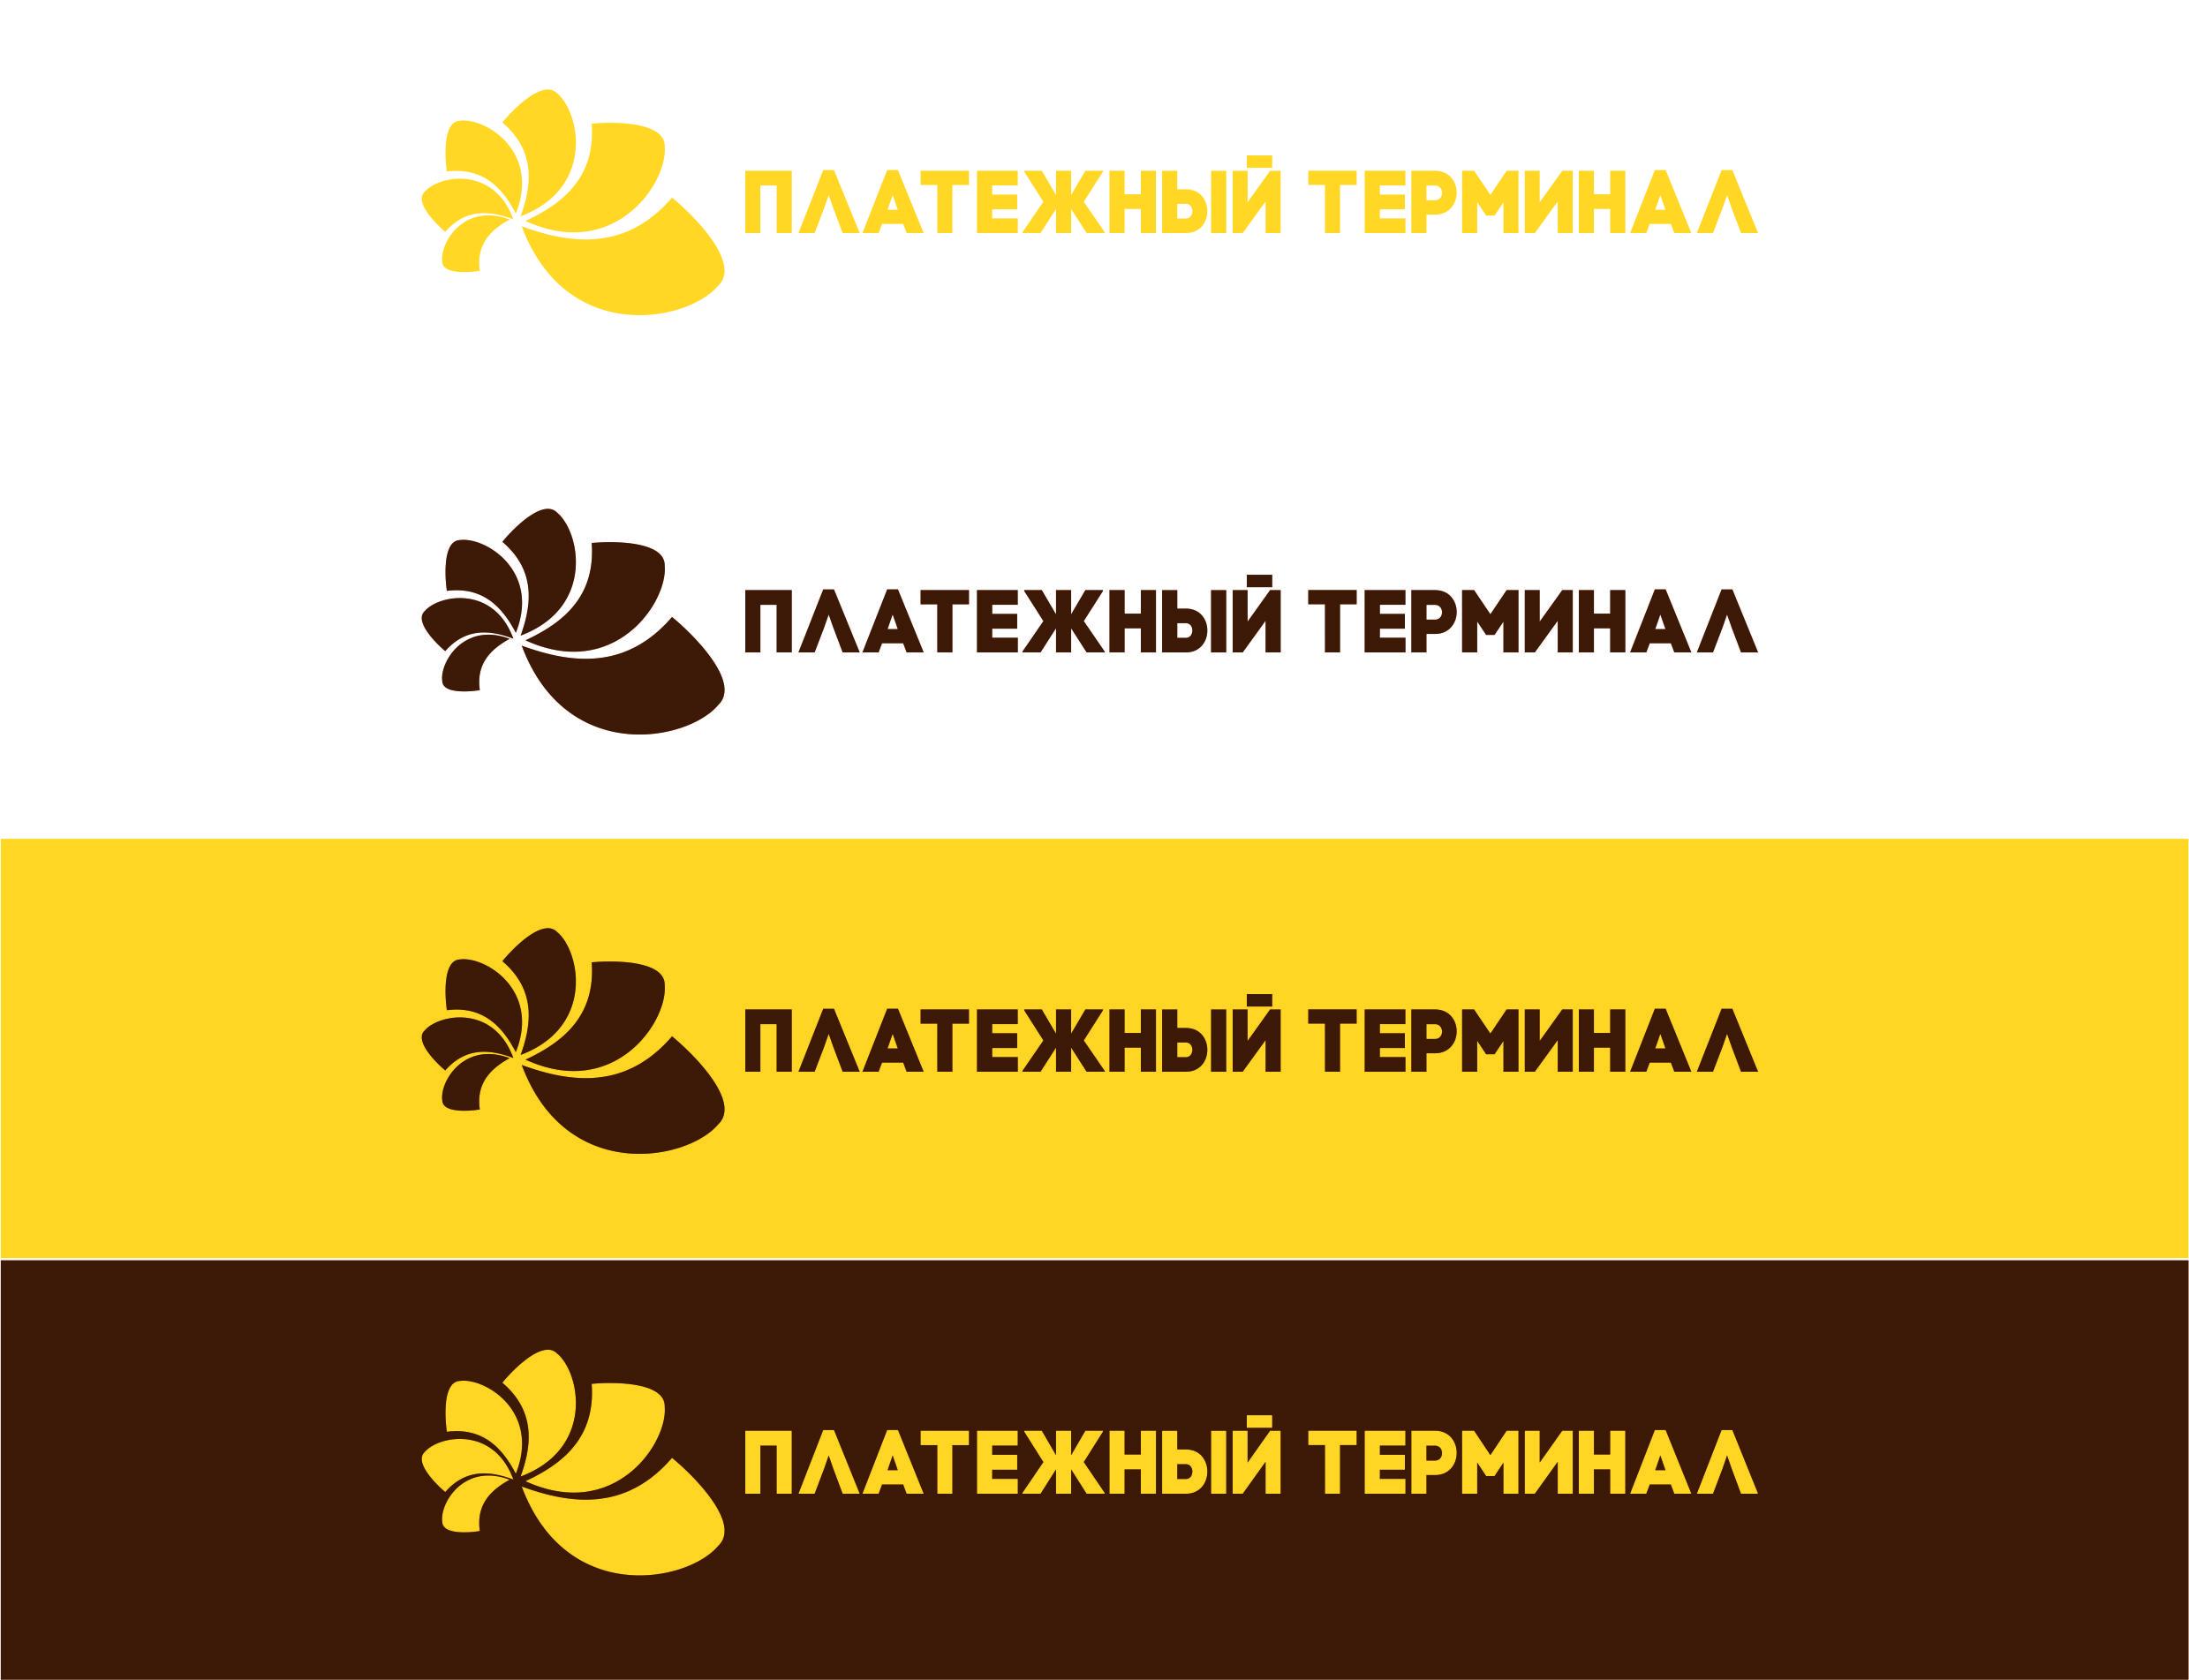 Логотип для сети продуктовых магазинов фото f_96756fa5531cd791.jpg